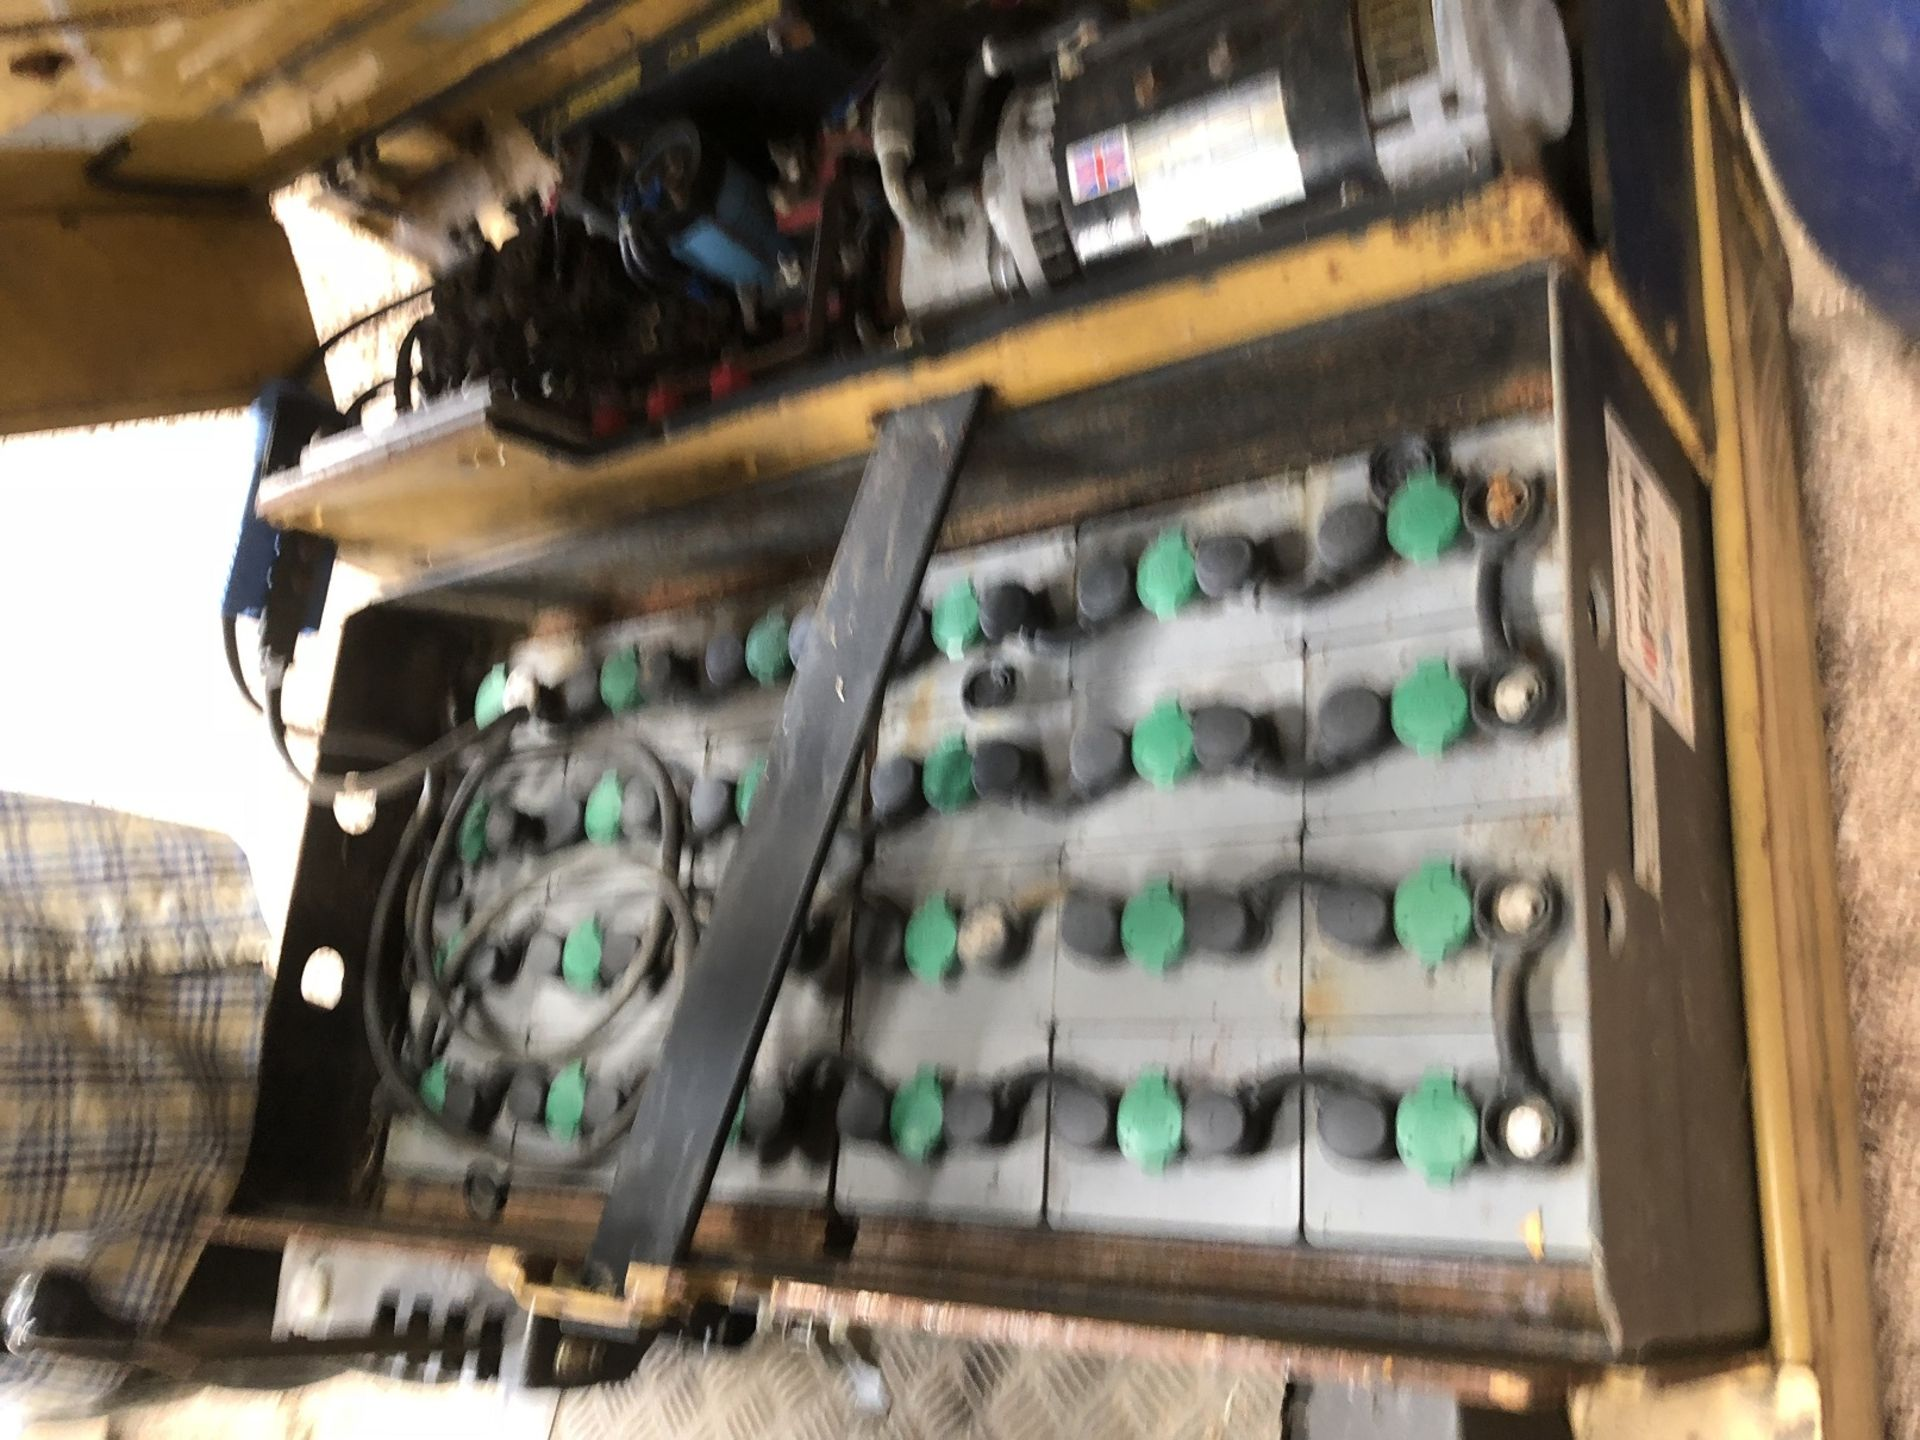 Lot 435 - 1995 CATERPILLAR EP1.5T ELECTRIC FORKLIFT, *PLUS VAT*